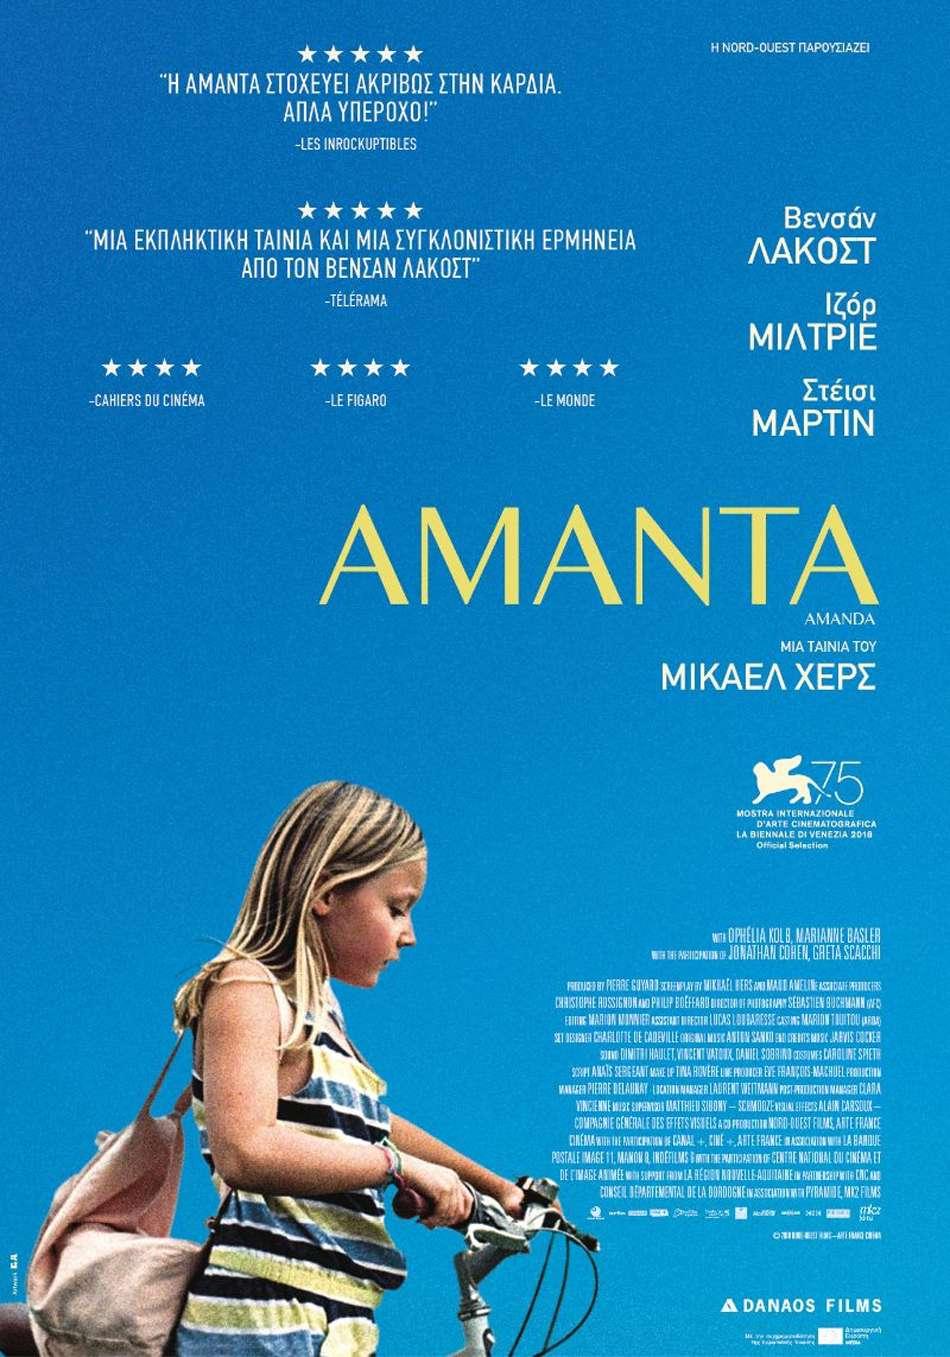 Αμάντα (Amanda) Poster Πόστερ